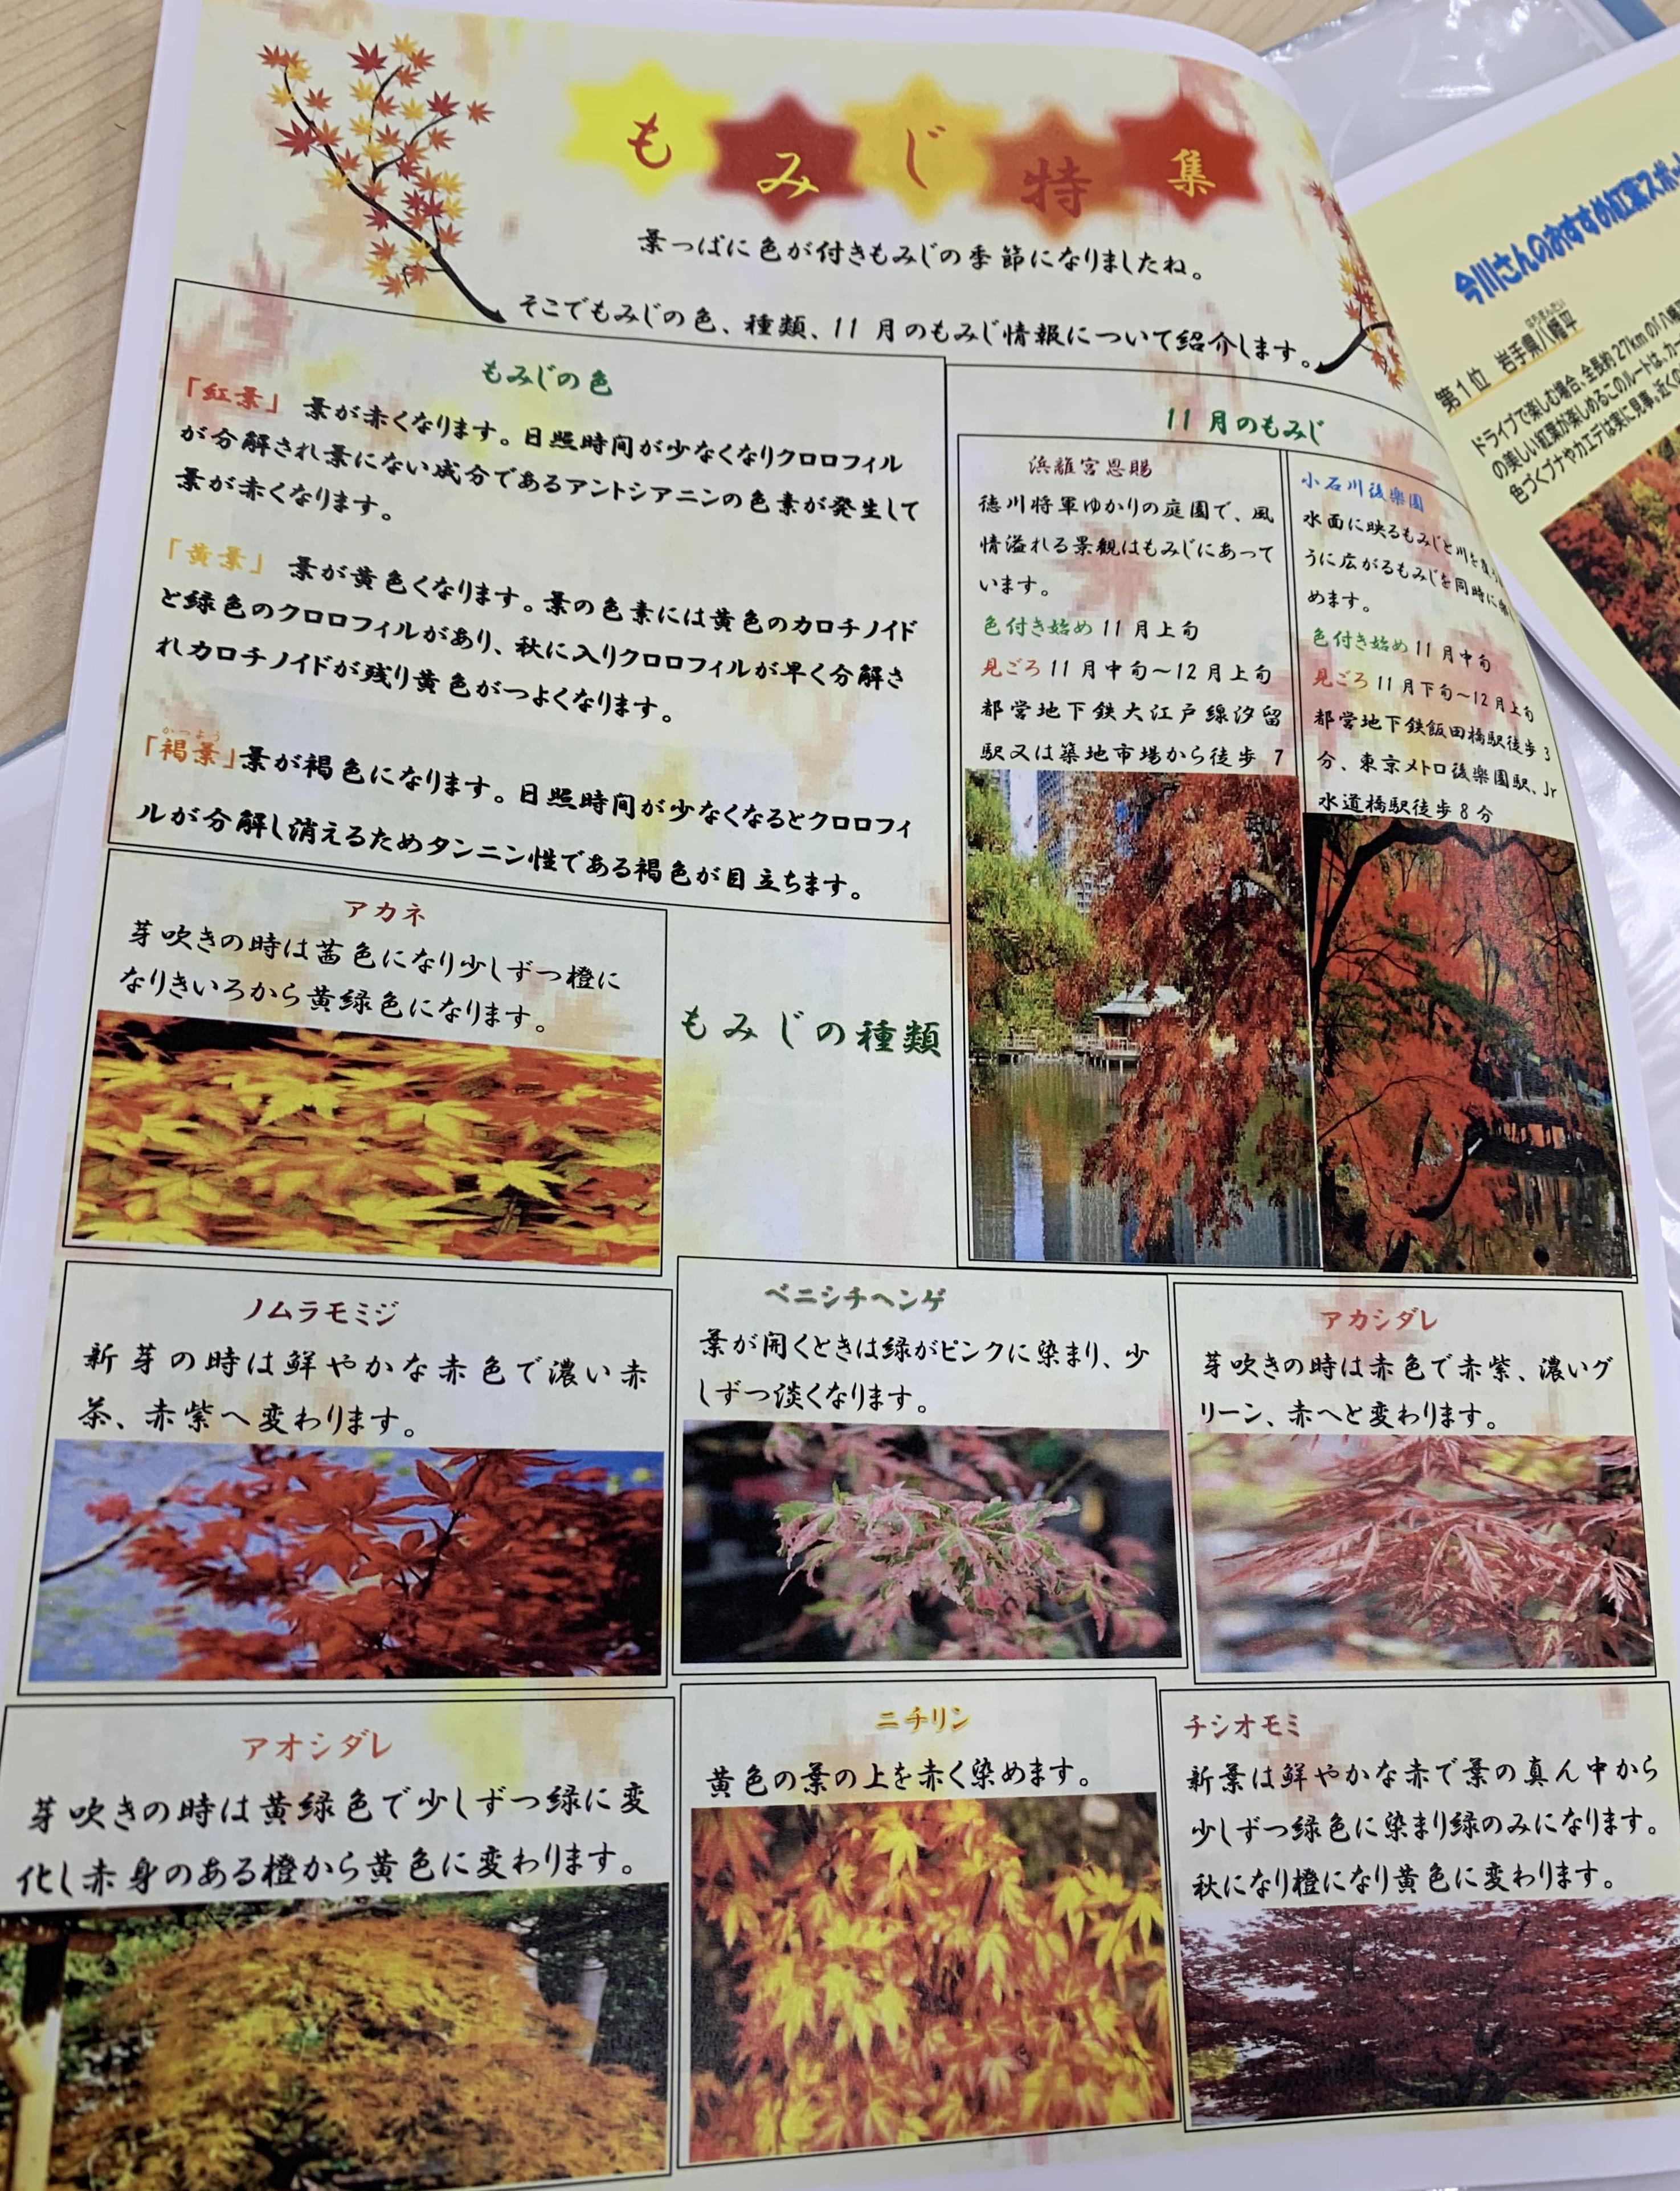 ココルポート新小岩事業所での、秋冊子